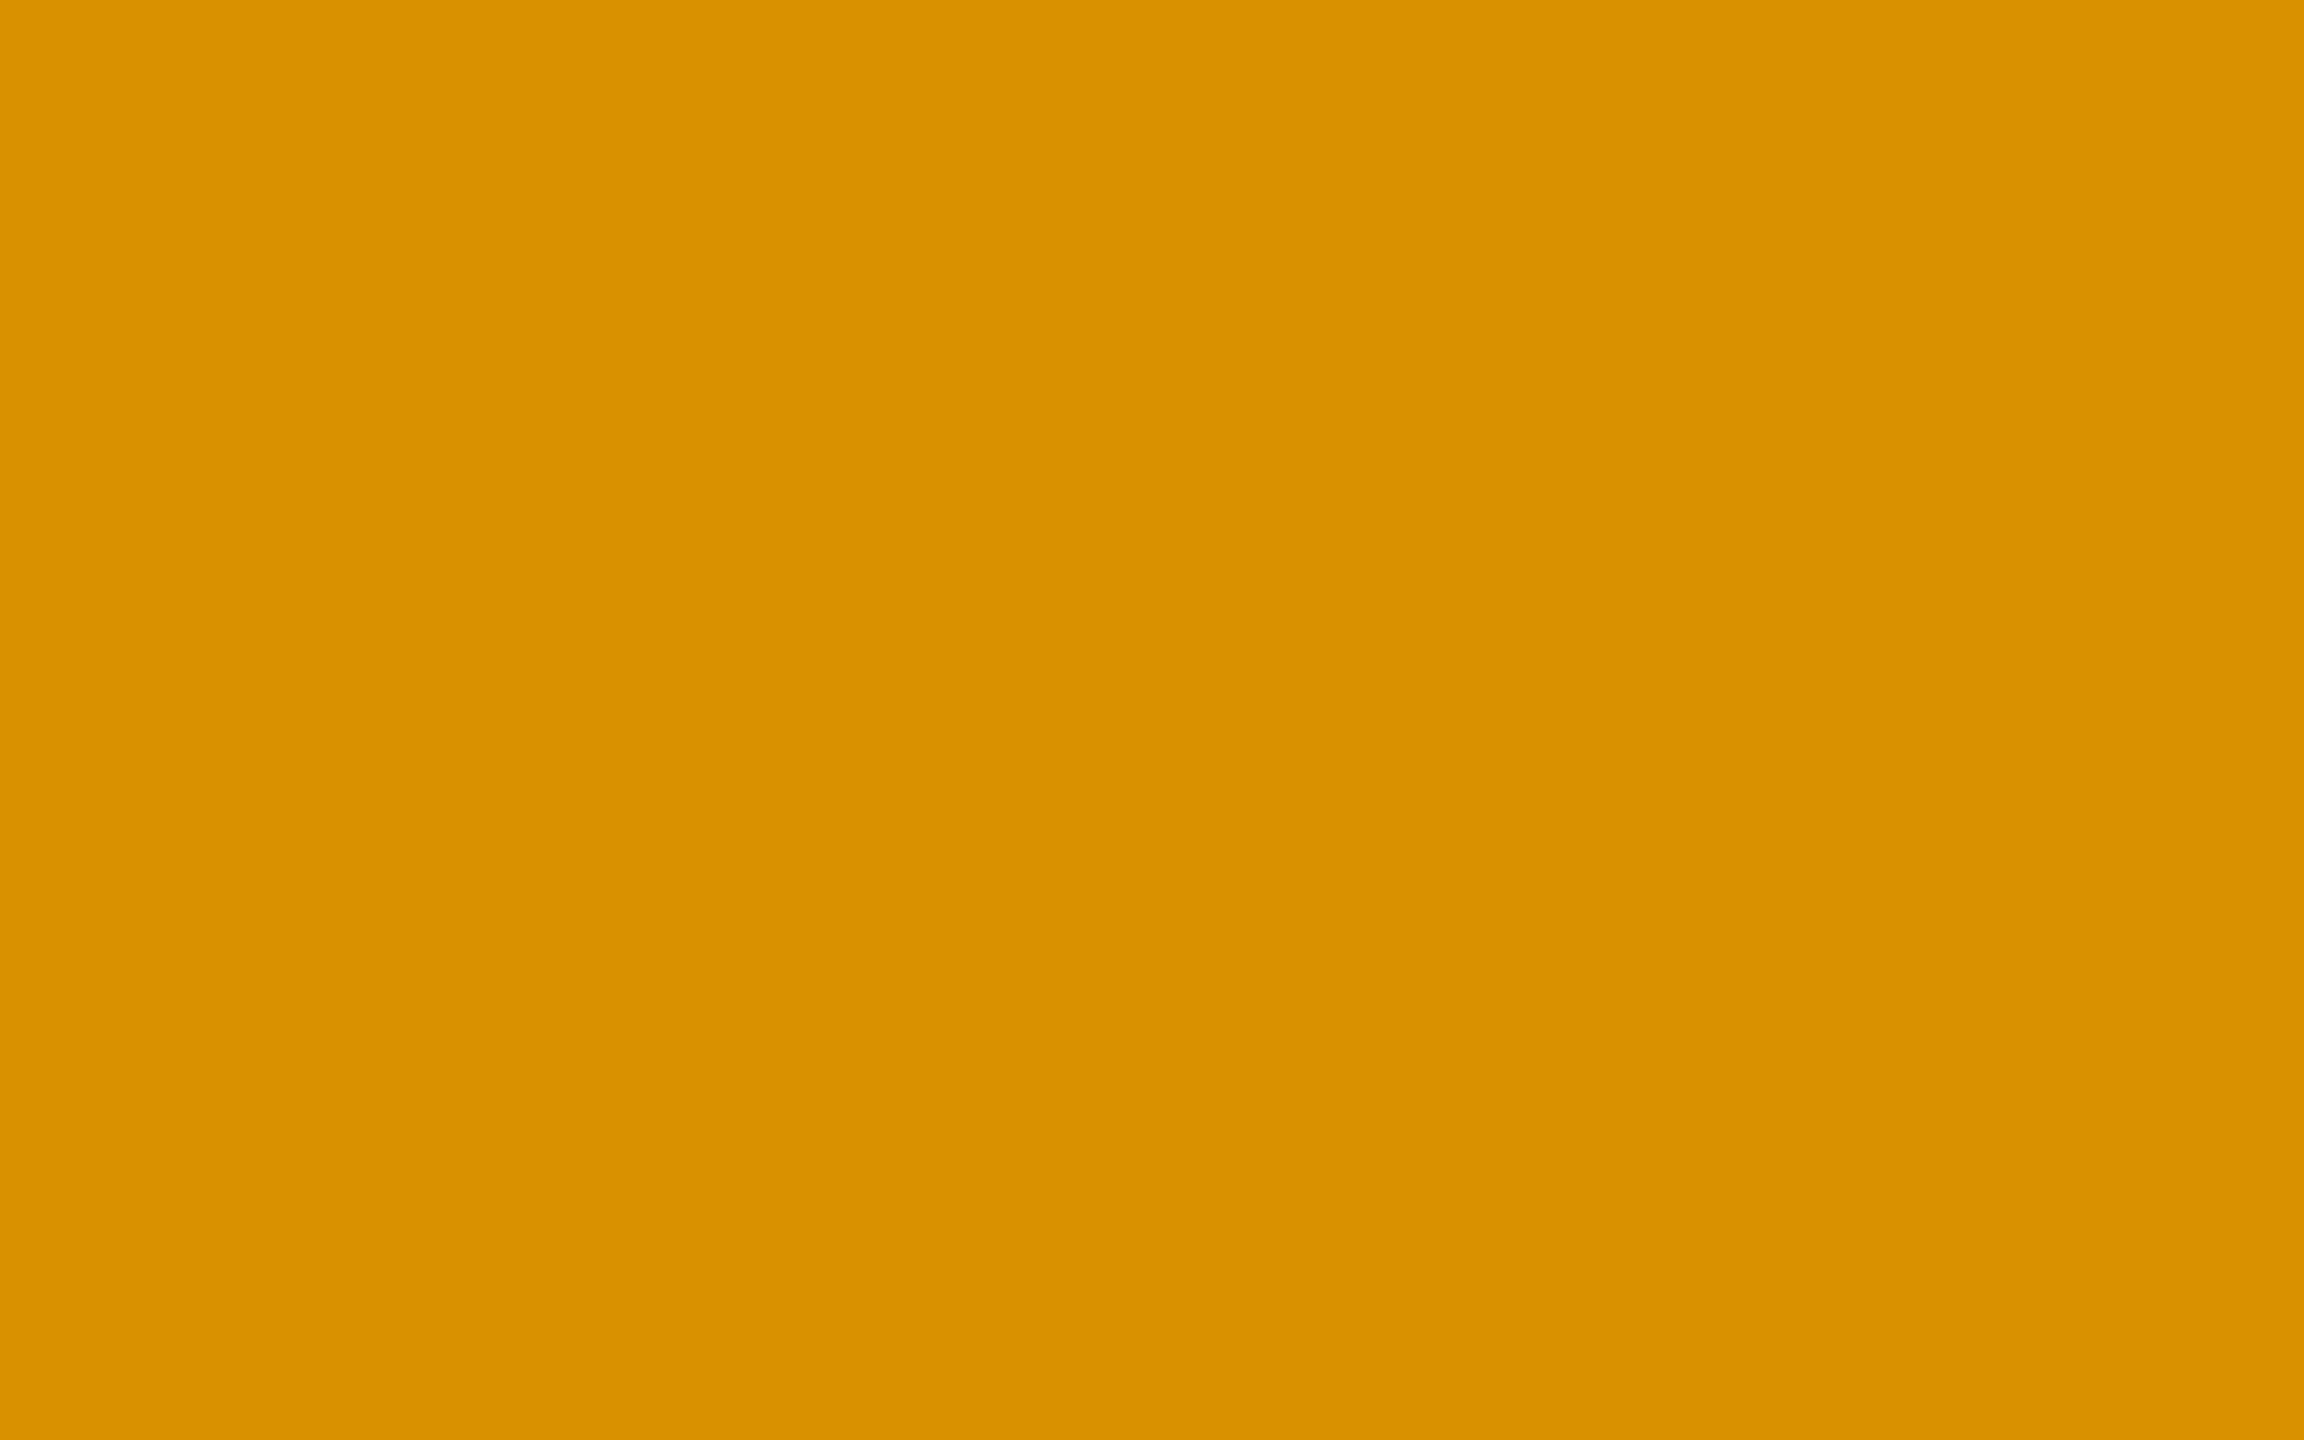 2304x1440 Harvest Gold Solid Color Background